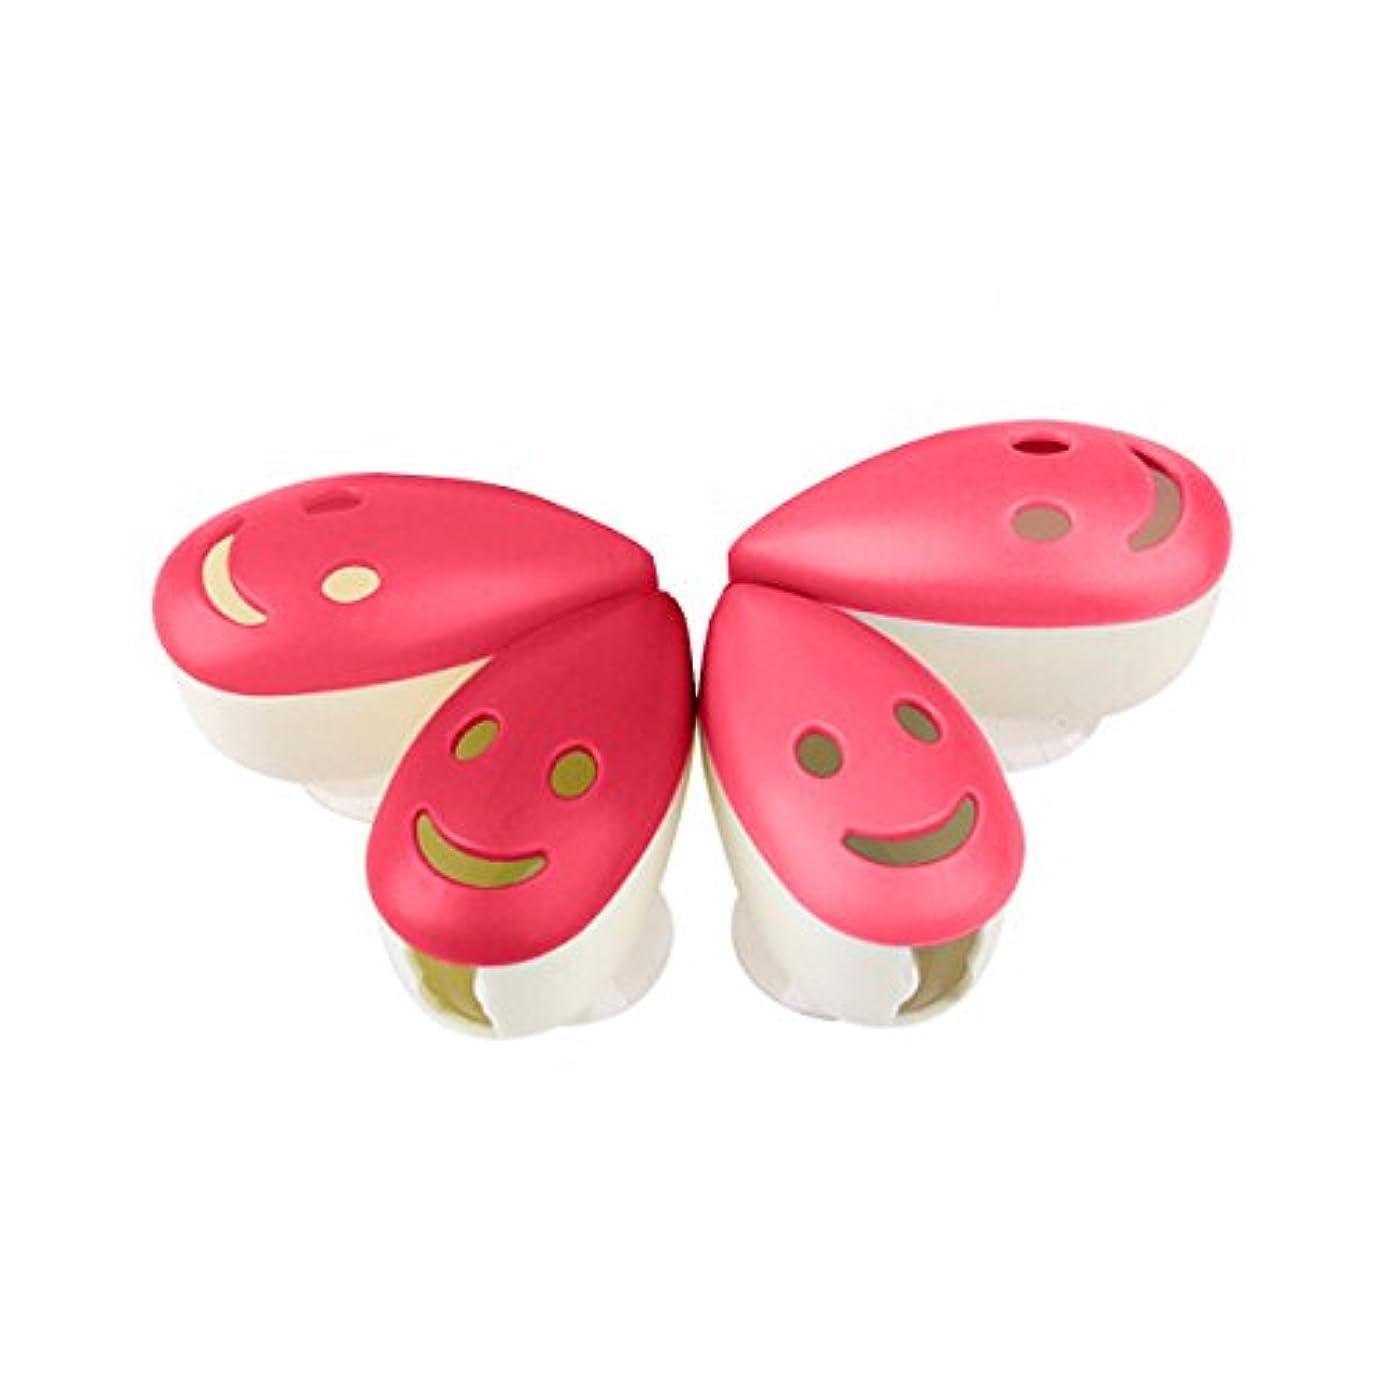 コンソール宴会編集者ROSENICE 歯ブラシケース4個のスマイルフェイス抗菌歯ブラシホルダーサクションカップ(混合色)